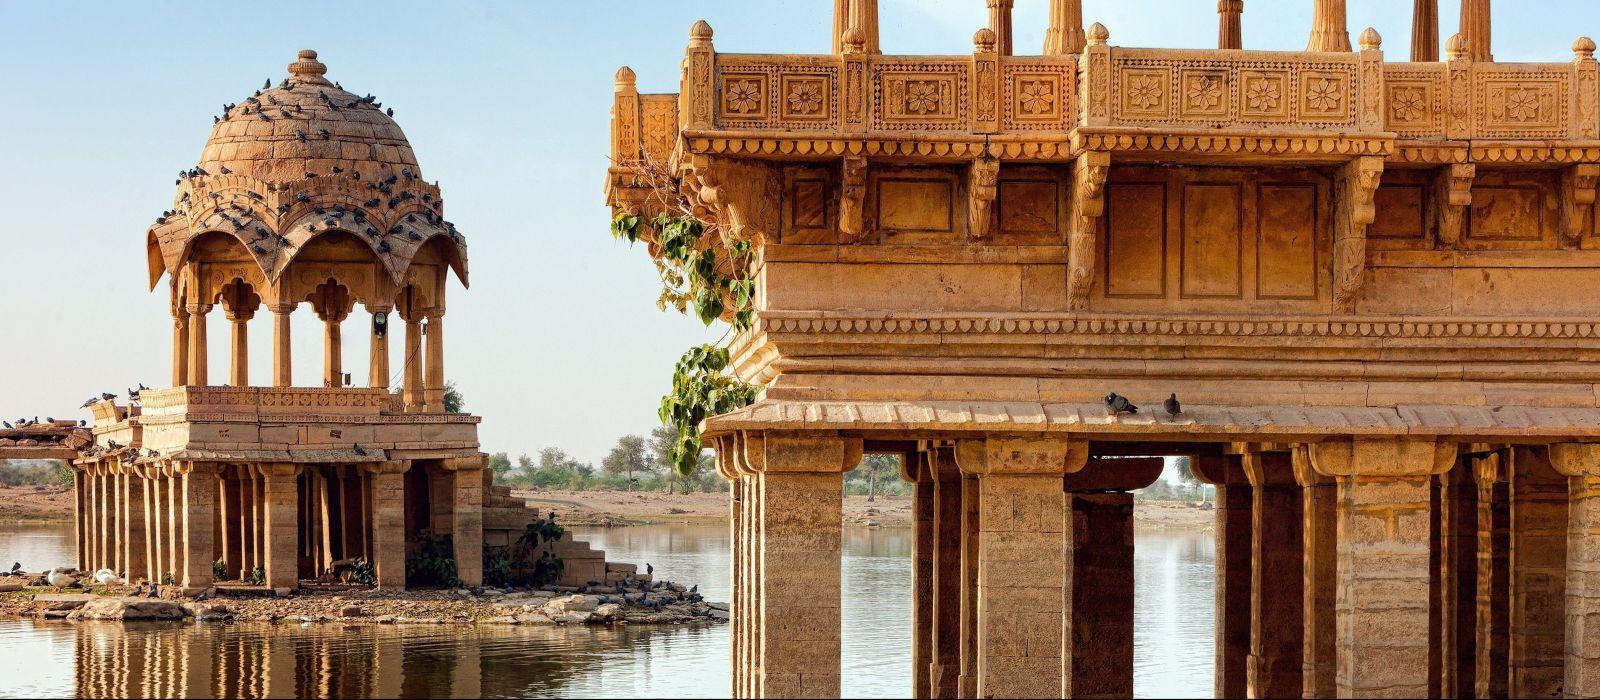 Rajasthan Rundreise: Geheimnisvolle Wüste, Paläste & Seen Urlaub 7